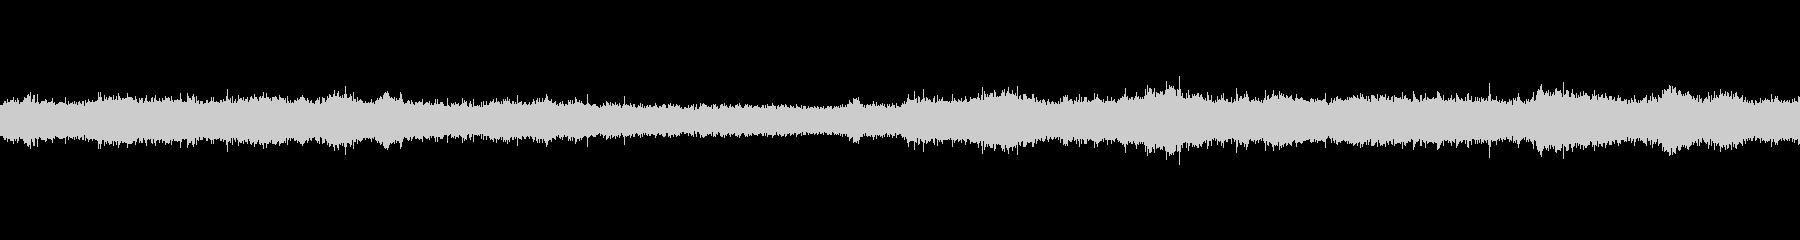 夏 環境音の未再生の波形